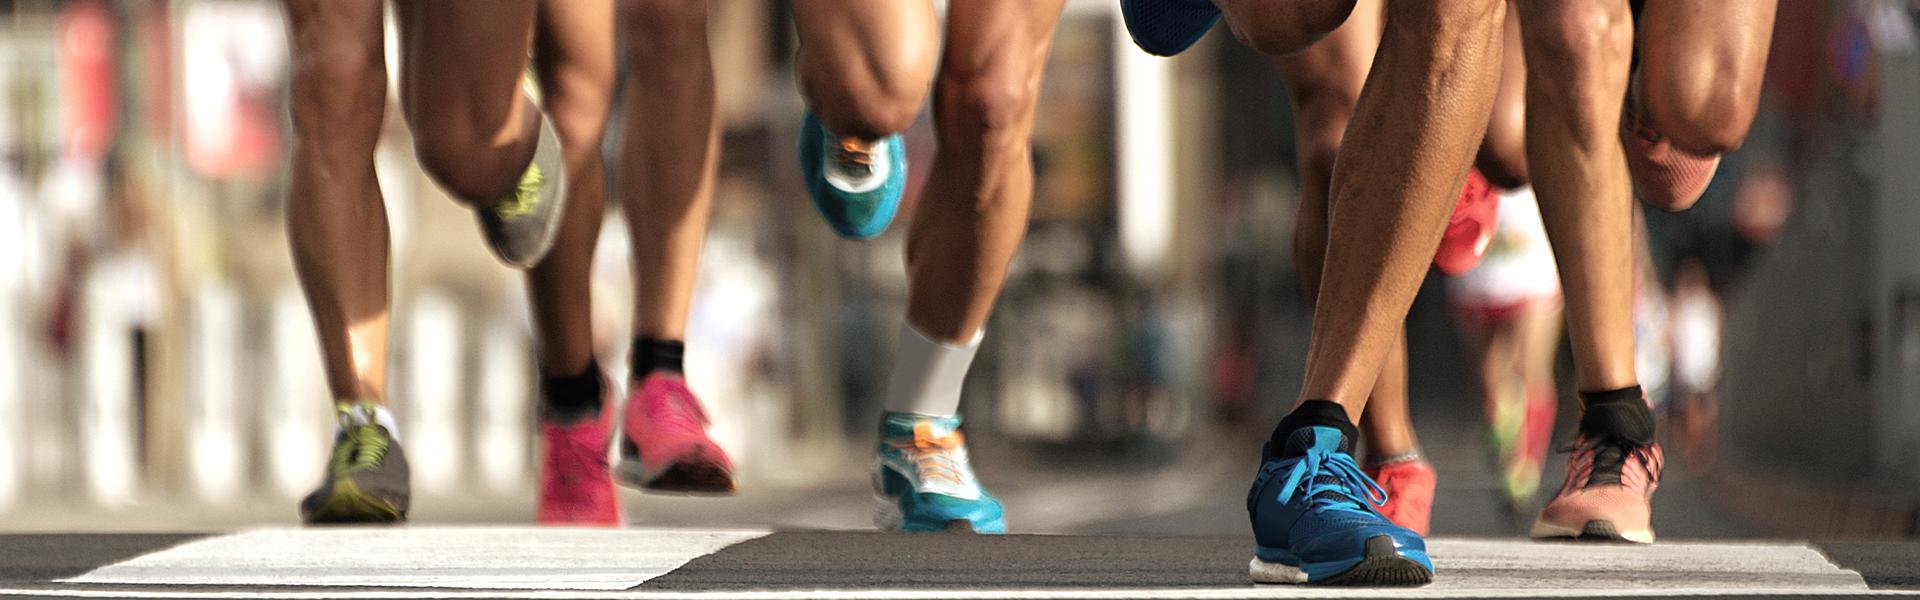 Acea Run Rome The Marathon apre le iscrizioni